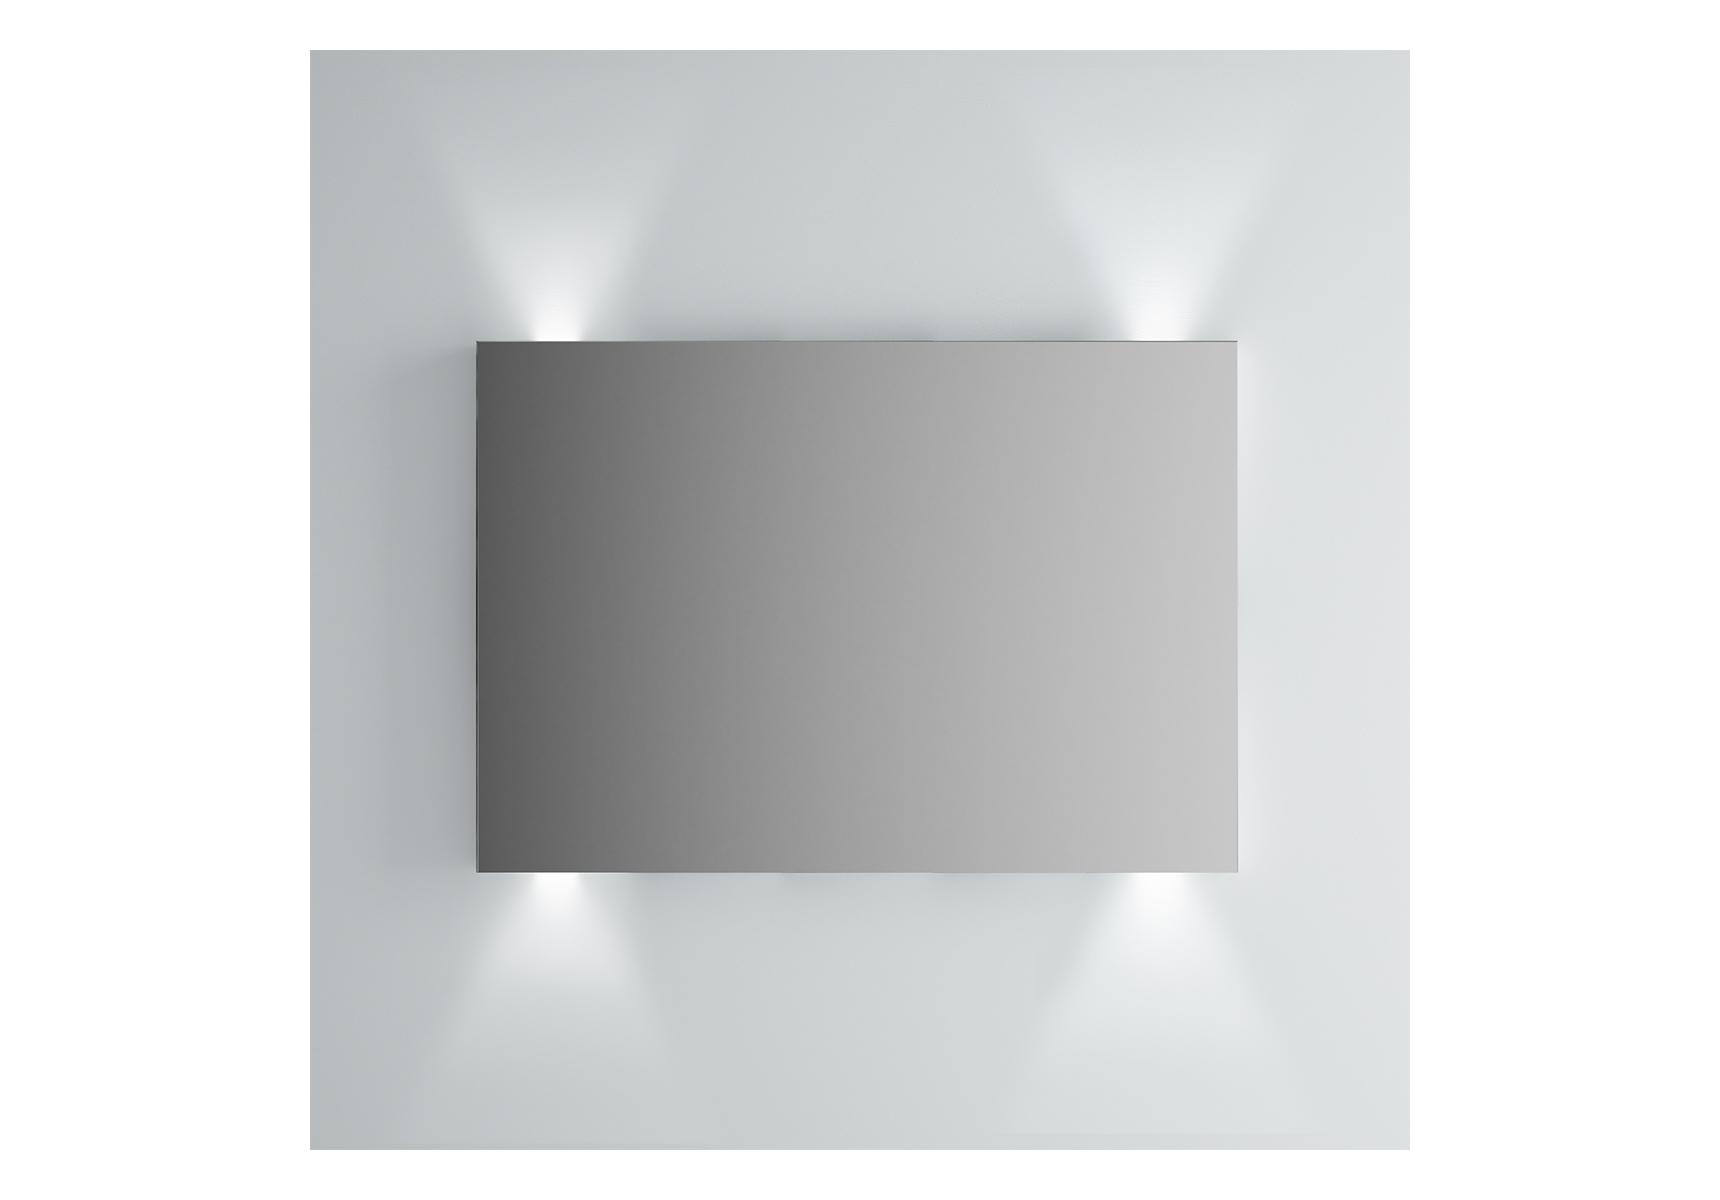 Integra miroir avec éclairage haut et bas, 100 cm